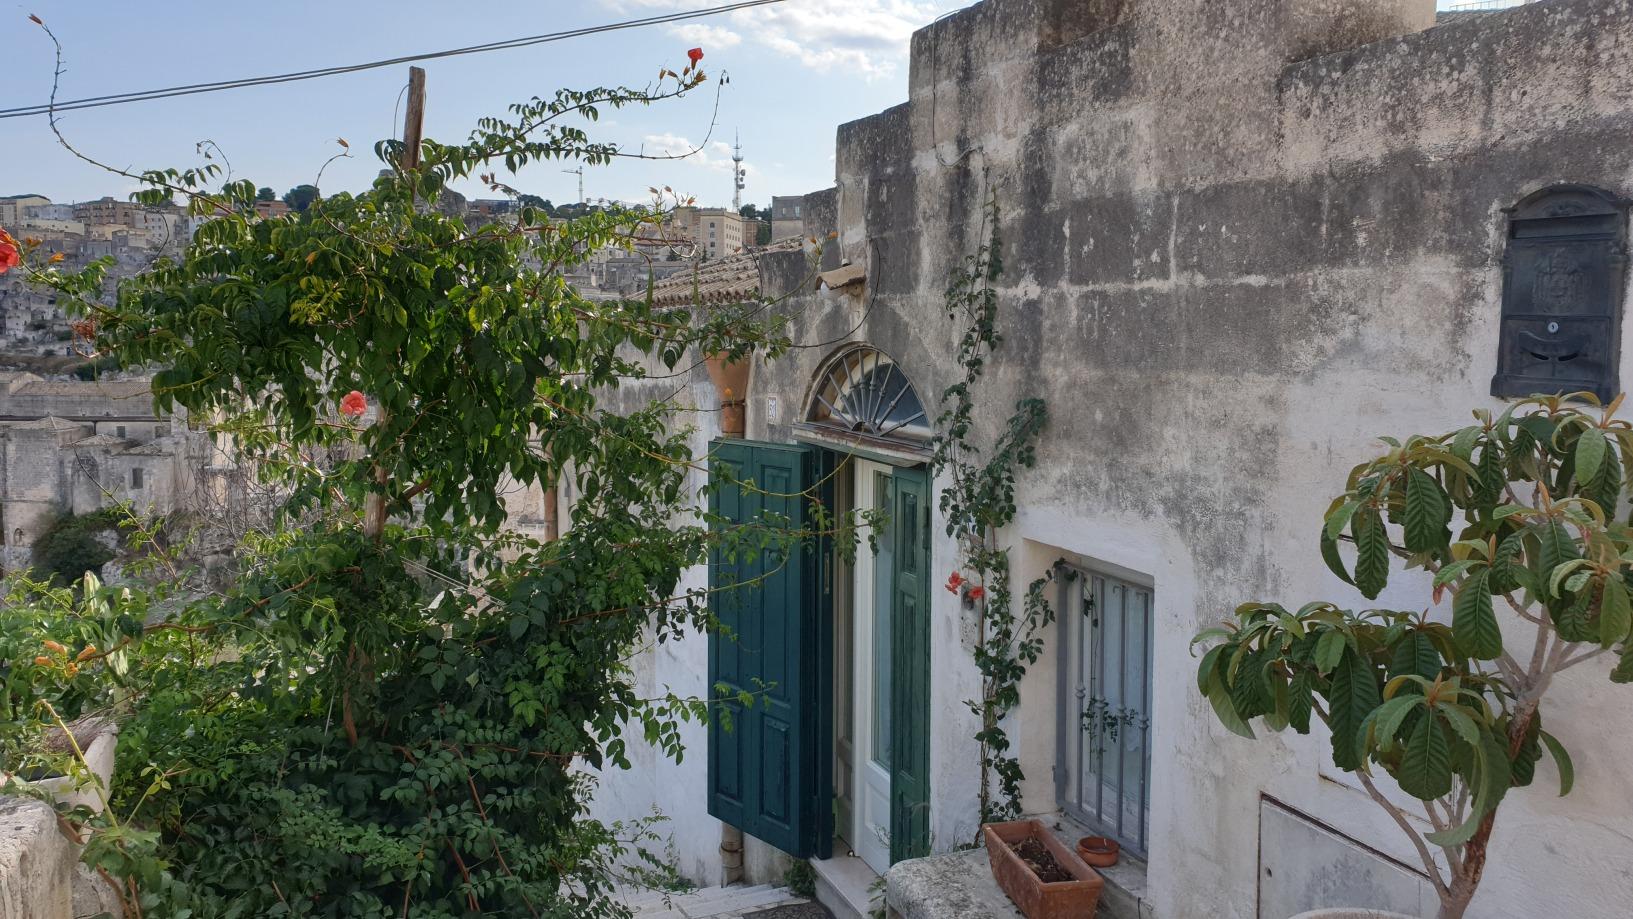 Apulia075